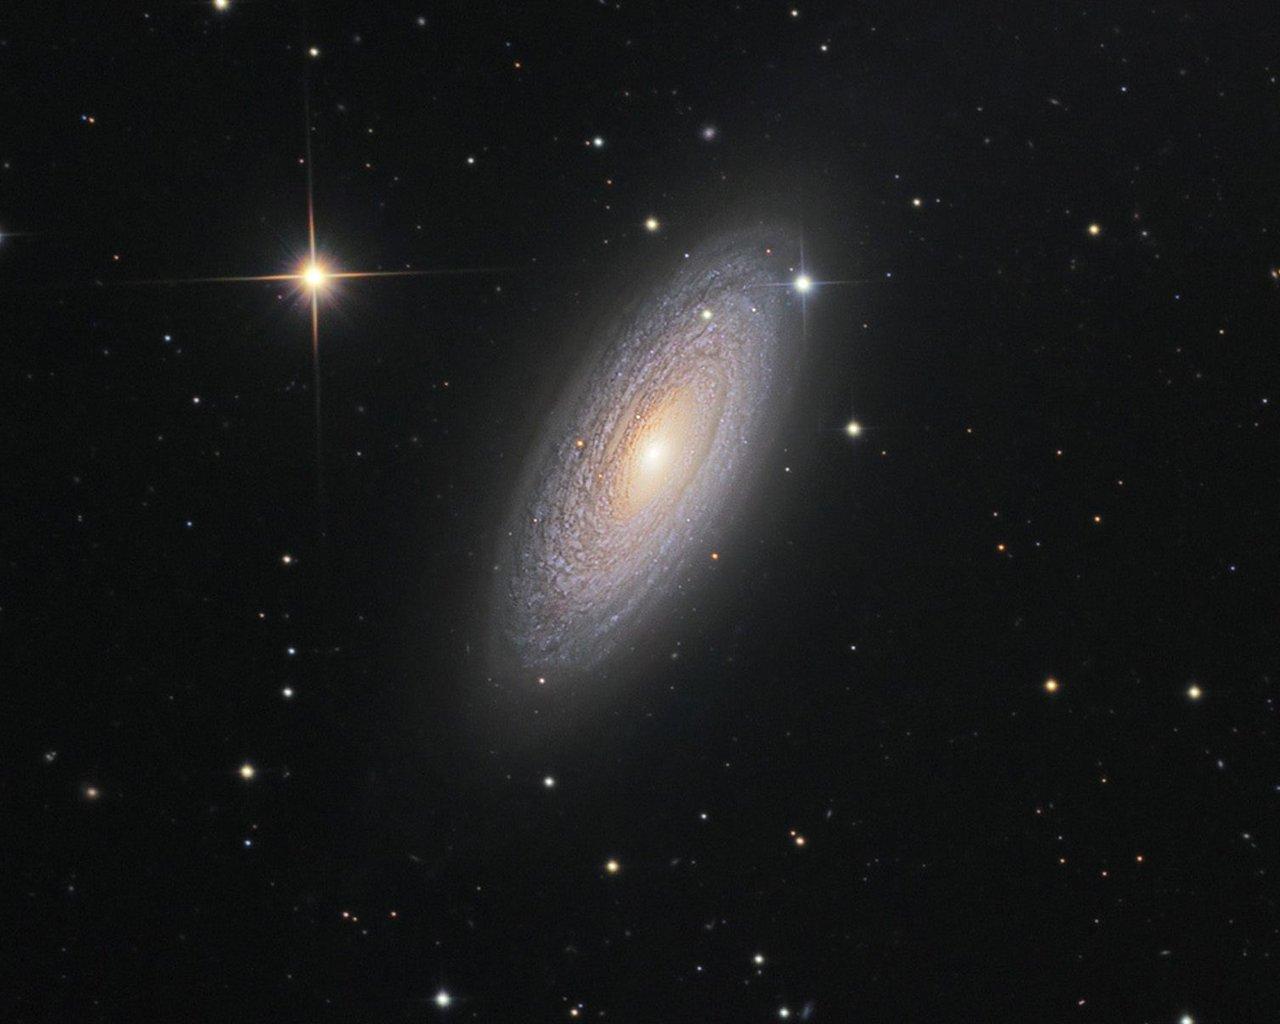 Sfondi e immagini gratis dello spazio e dei pianeti for Sfondi desktop universo